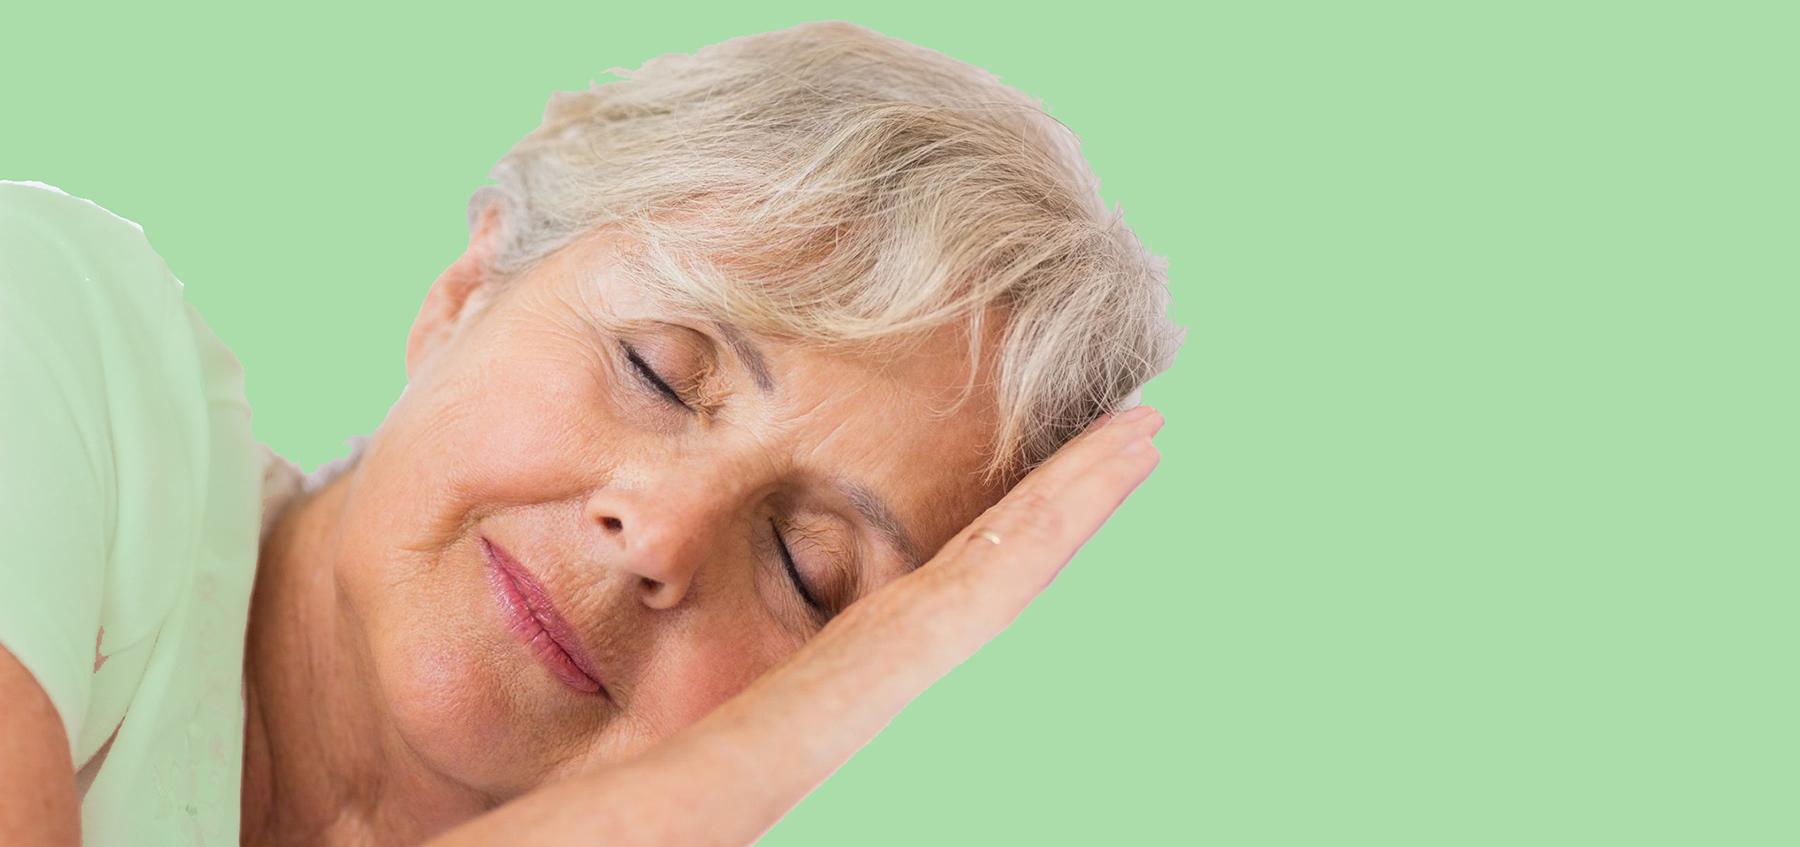 Analyse du sommeil à domicile